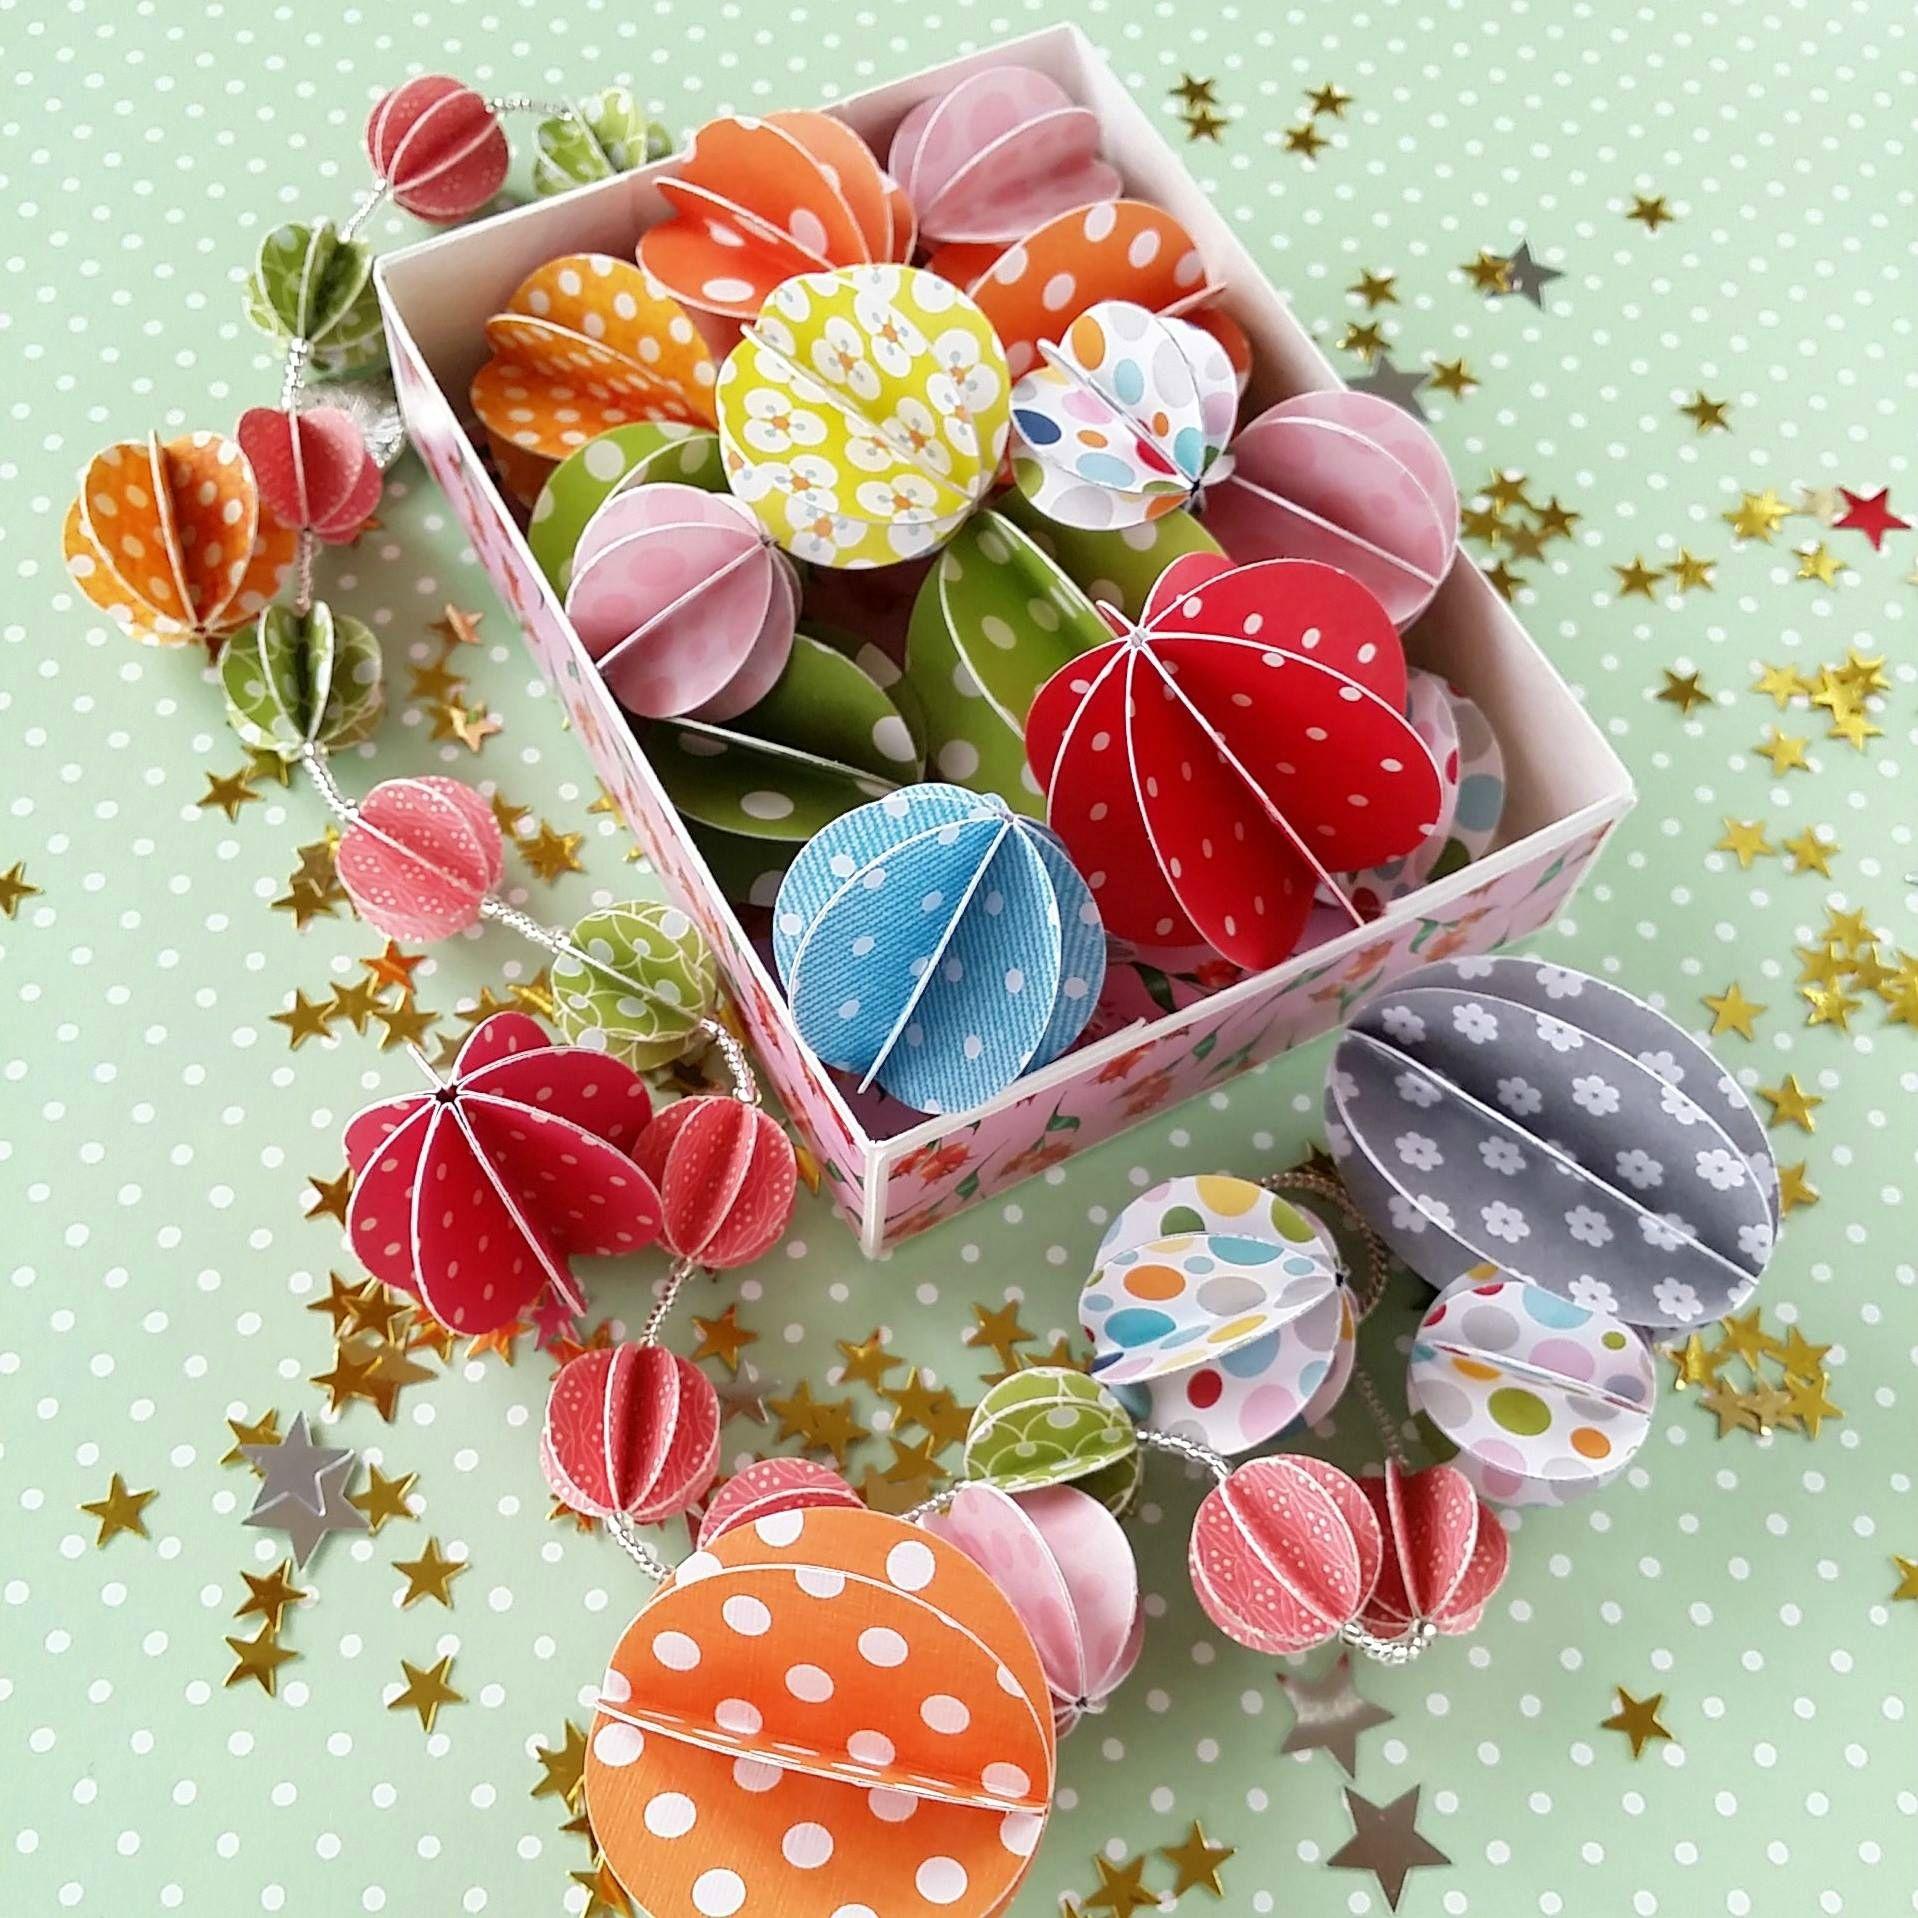 tuto des boules en papier ♡ - Décoration, Diy, Tuto Crochet et Papier | Boule de papier ...